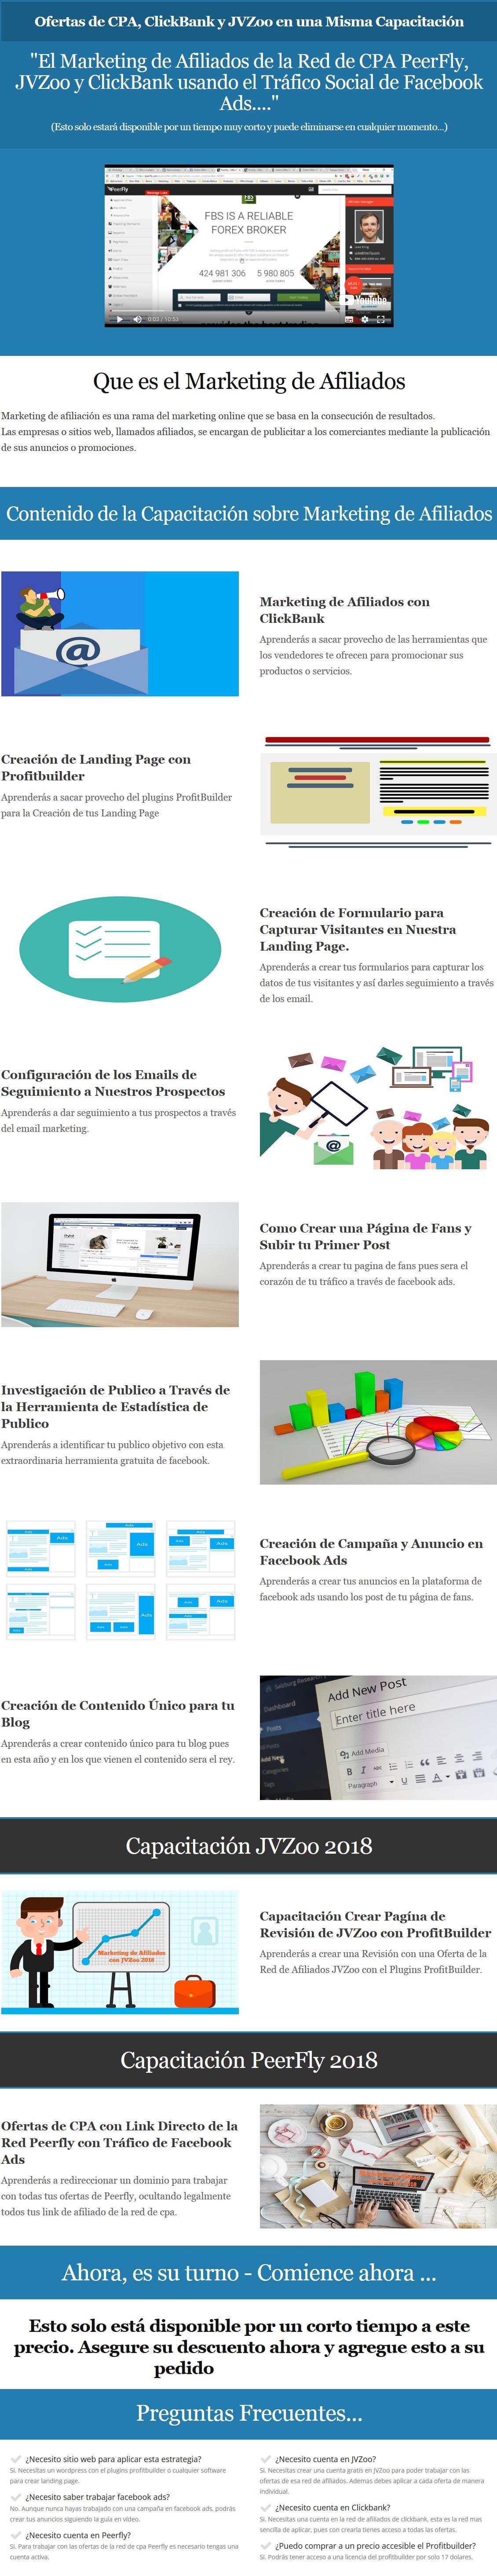 Marketing de Afiliados 2018 - Héctor Aguilar